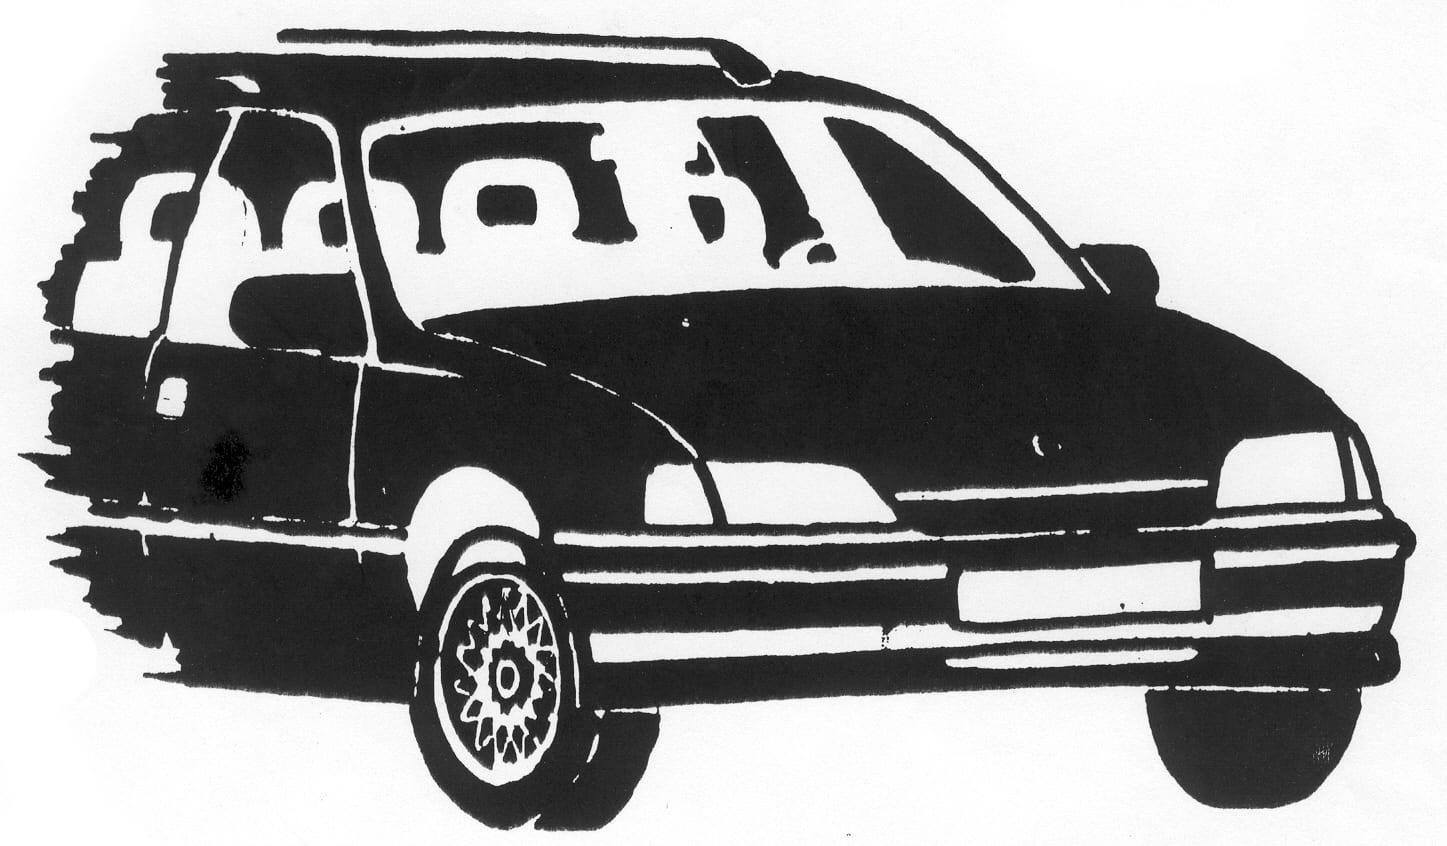 Tekening van de voorkant van een auto op een grafmonument